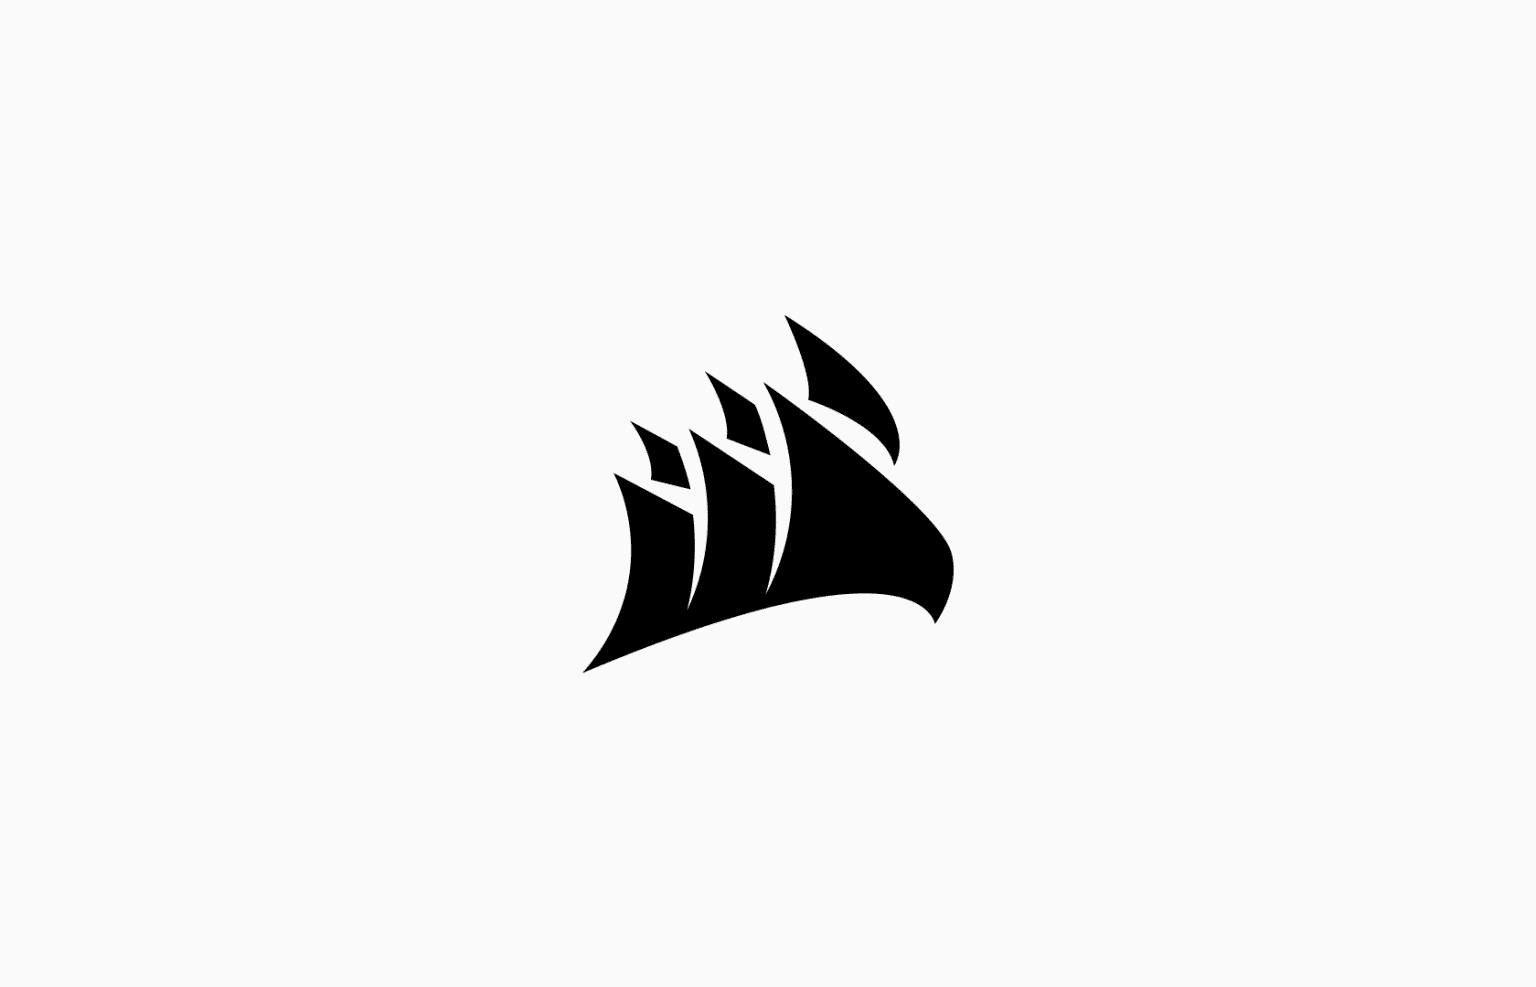 Corsair - Logo